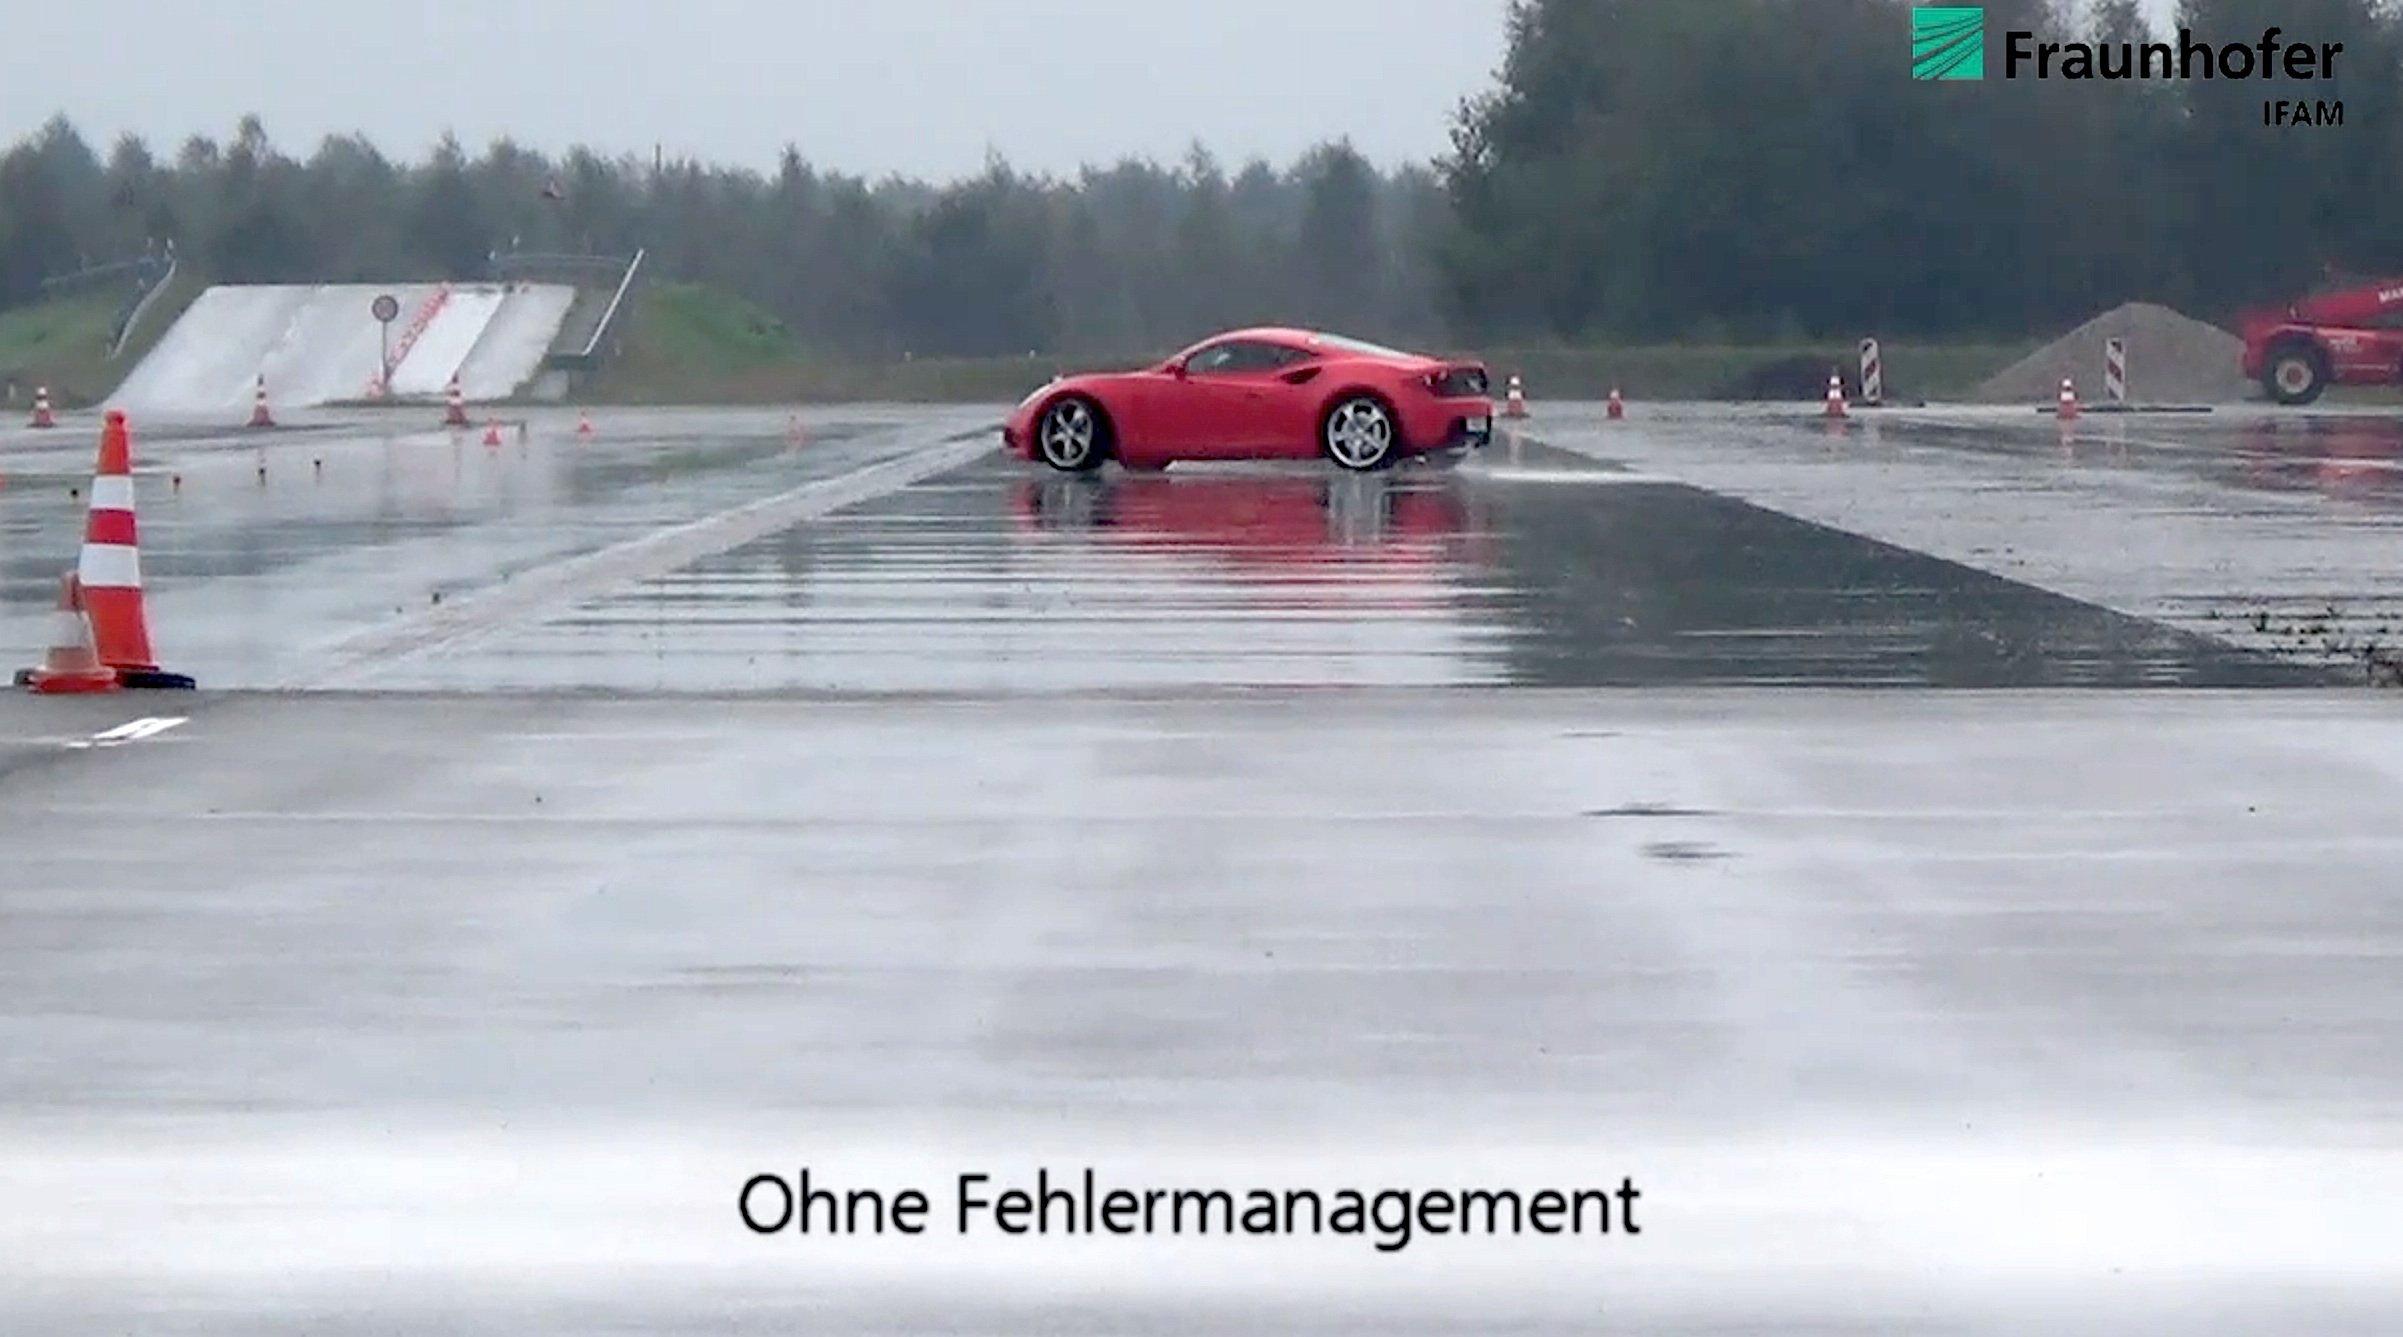 Ohne Korrektursystem brach der Testwagen bei Problemen mit den Radnabenmotoren aus.